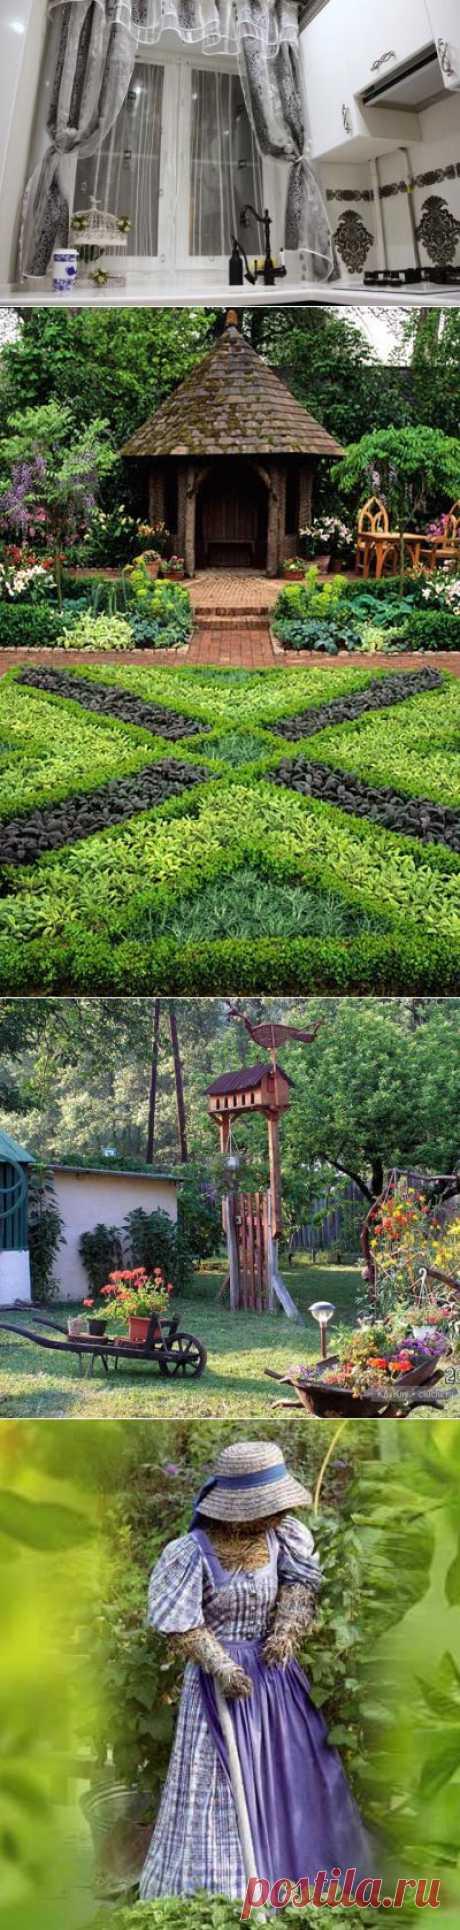 Садовые фигурки — добрые духи нашего сада | ВСЁ ДЛЯ ДОМА